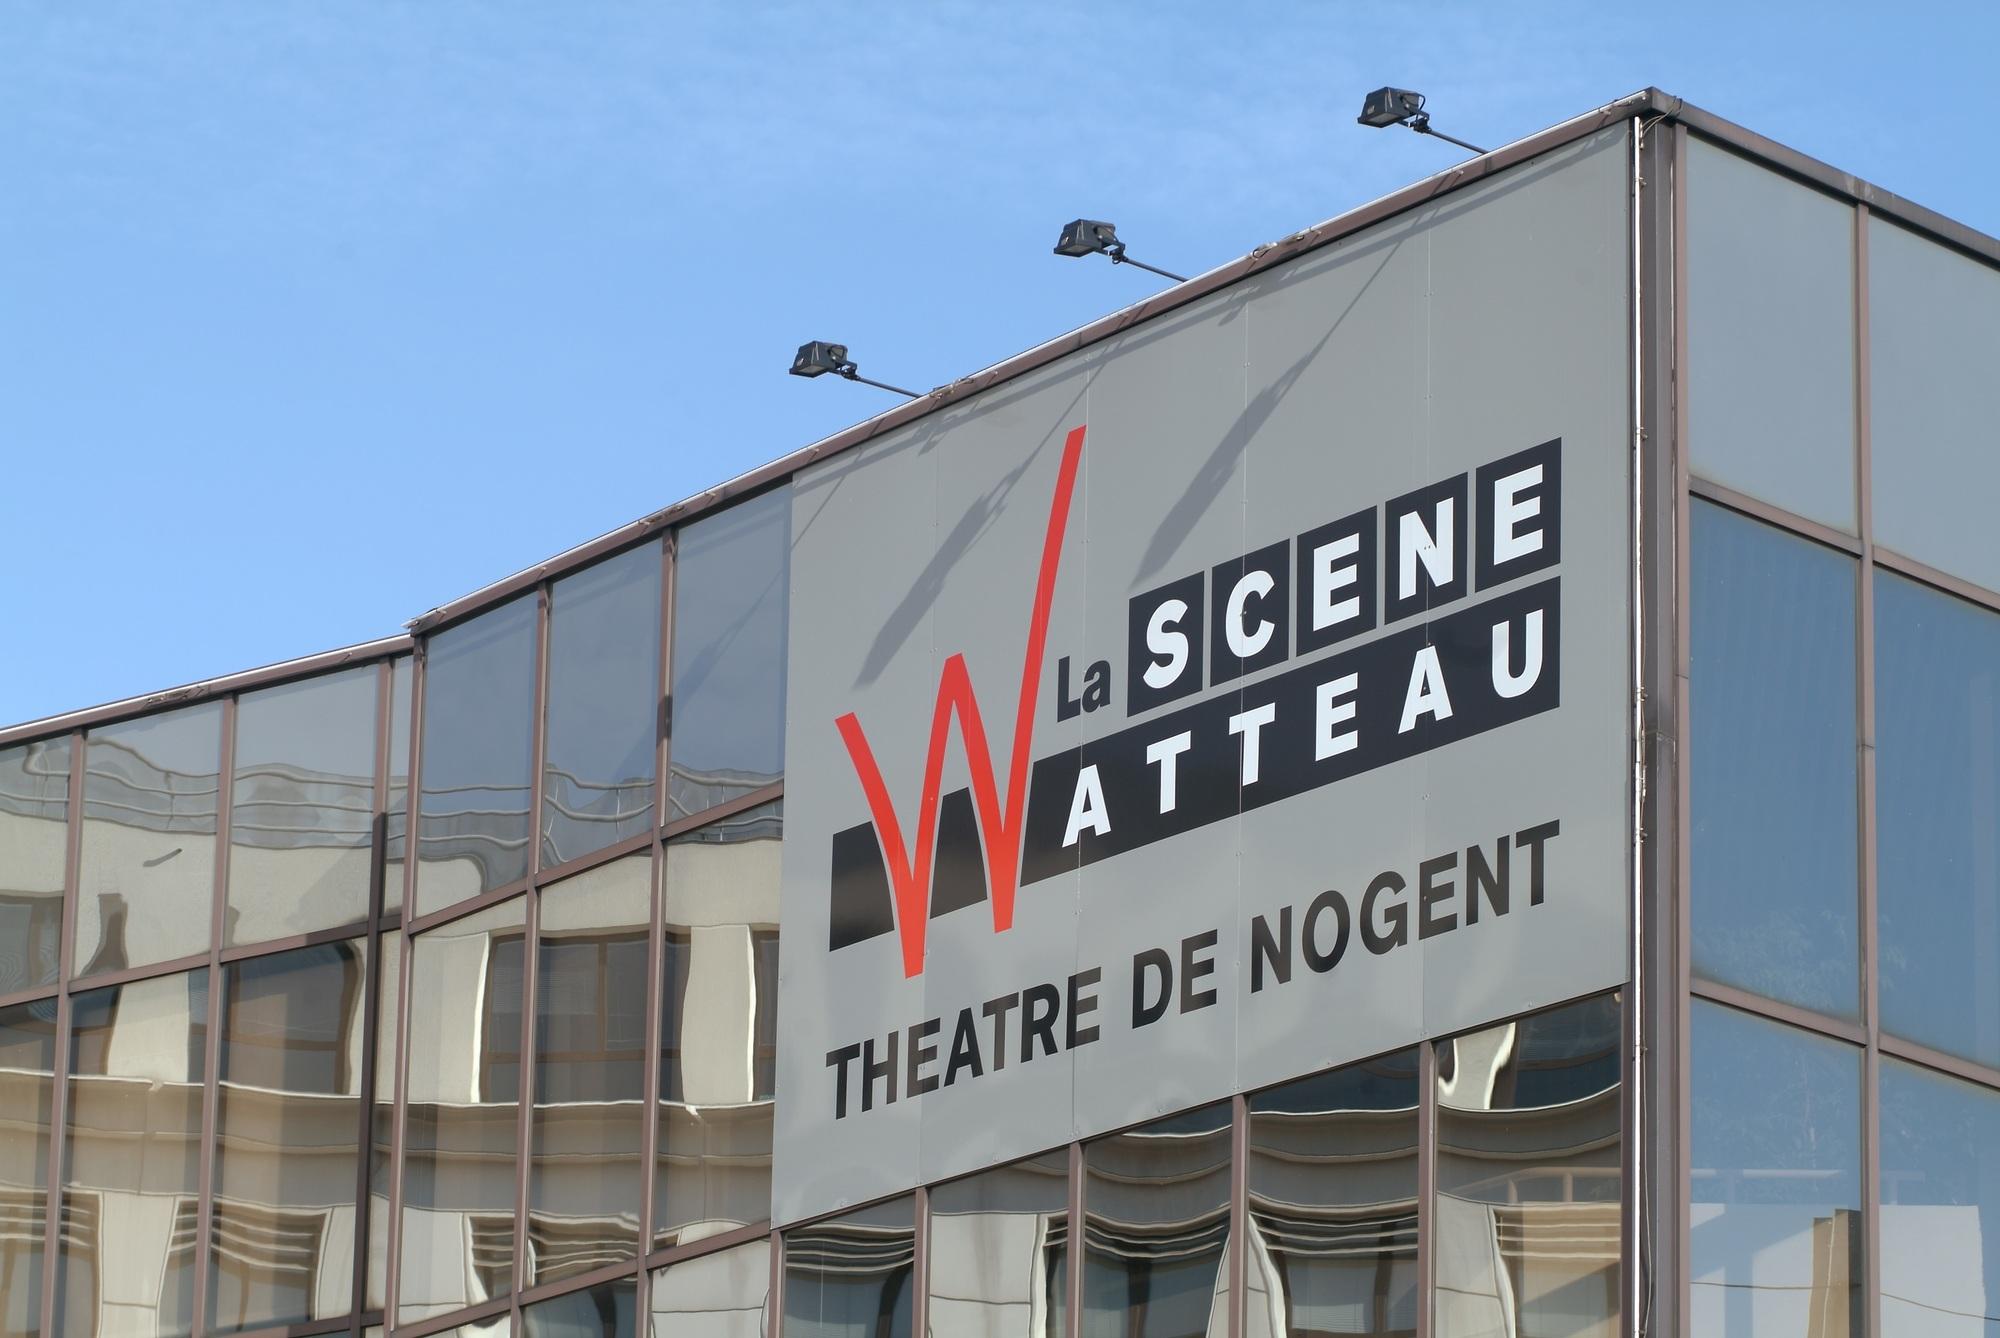 Scene-Watteau–3-